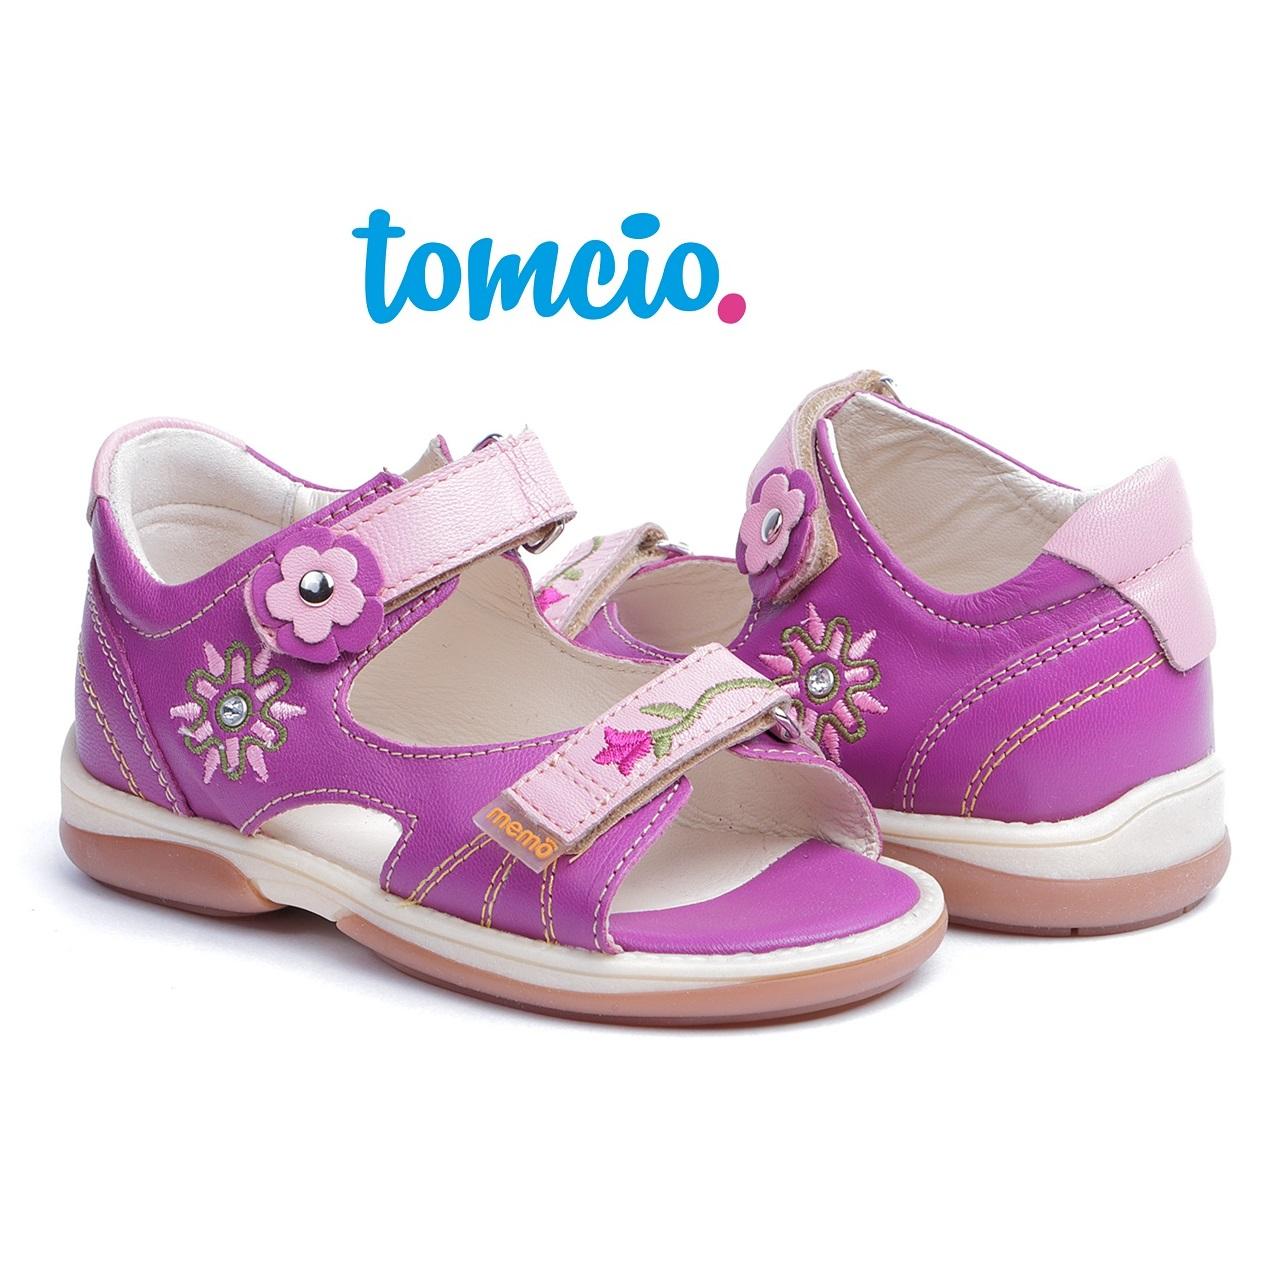 1e2e1c8a64ad3 Memo buty dla dzieci Obuwie diagnostyczno-korekcyjne ...